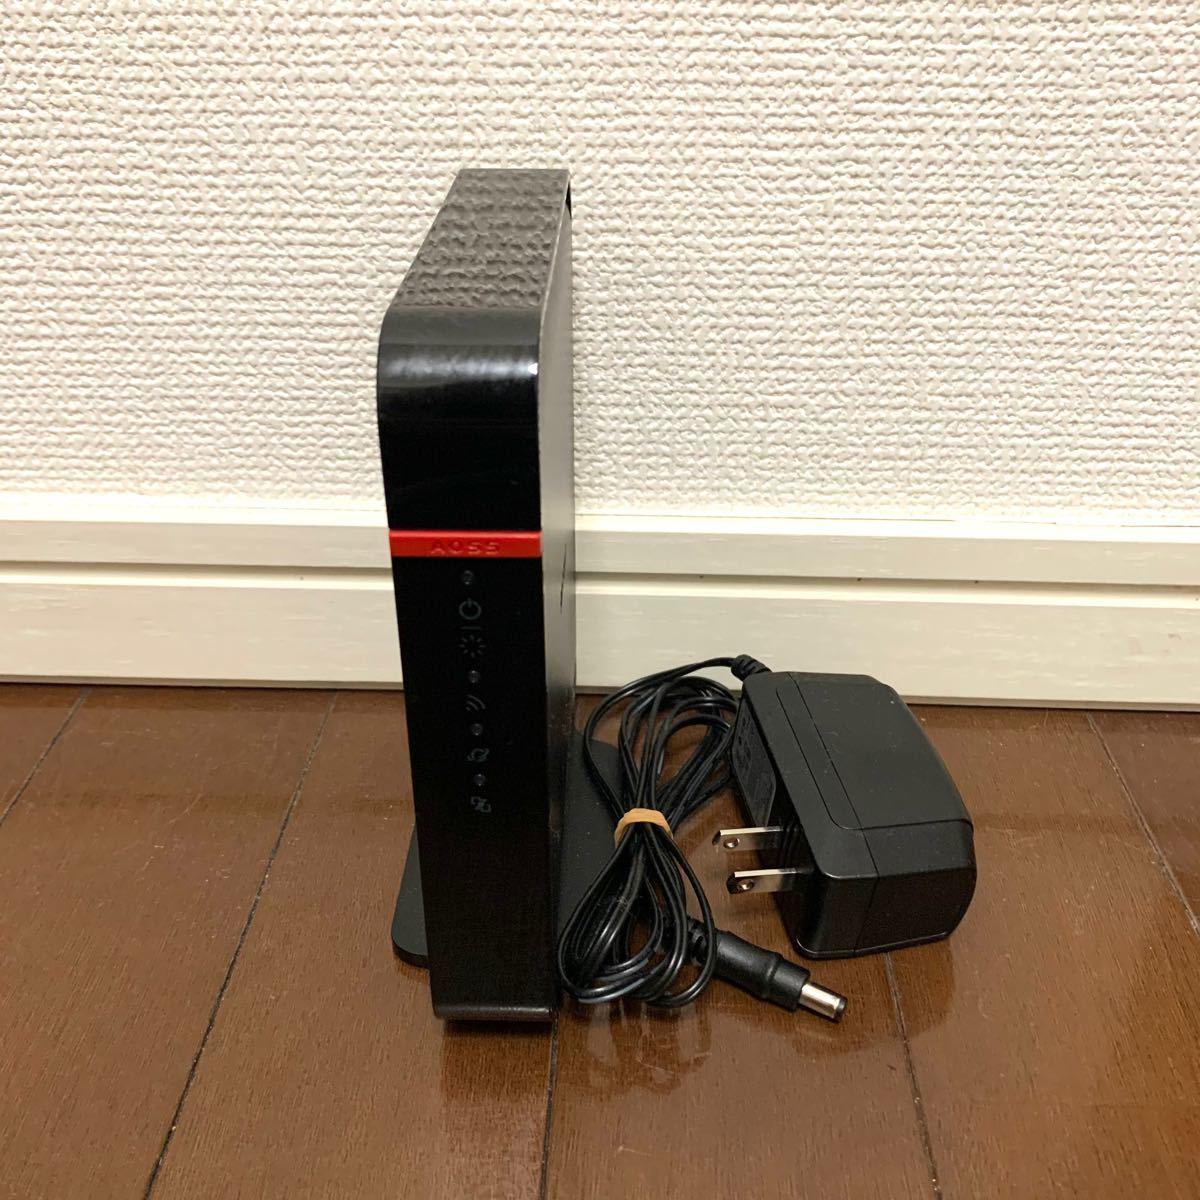 BUFFALO Wi-Fiルーター (WHR-1166DHP) 無線LAN 無線LANルーター バッファロー